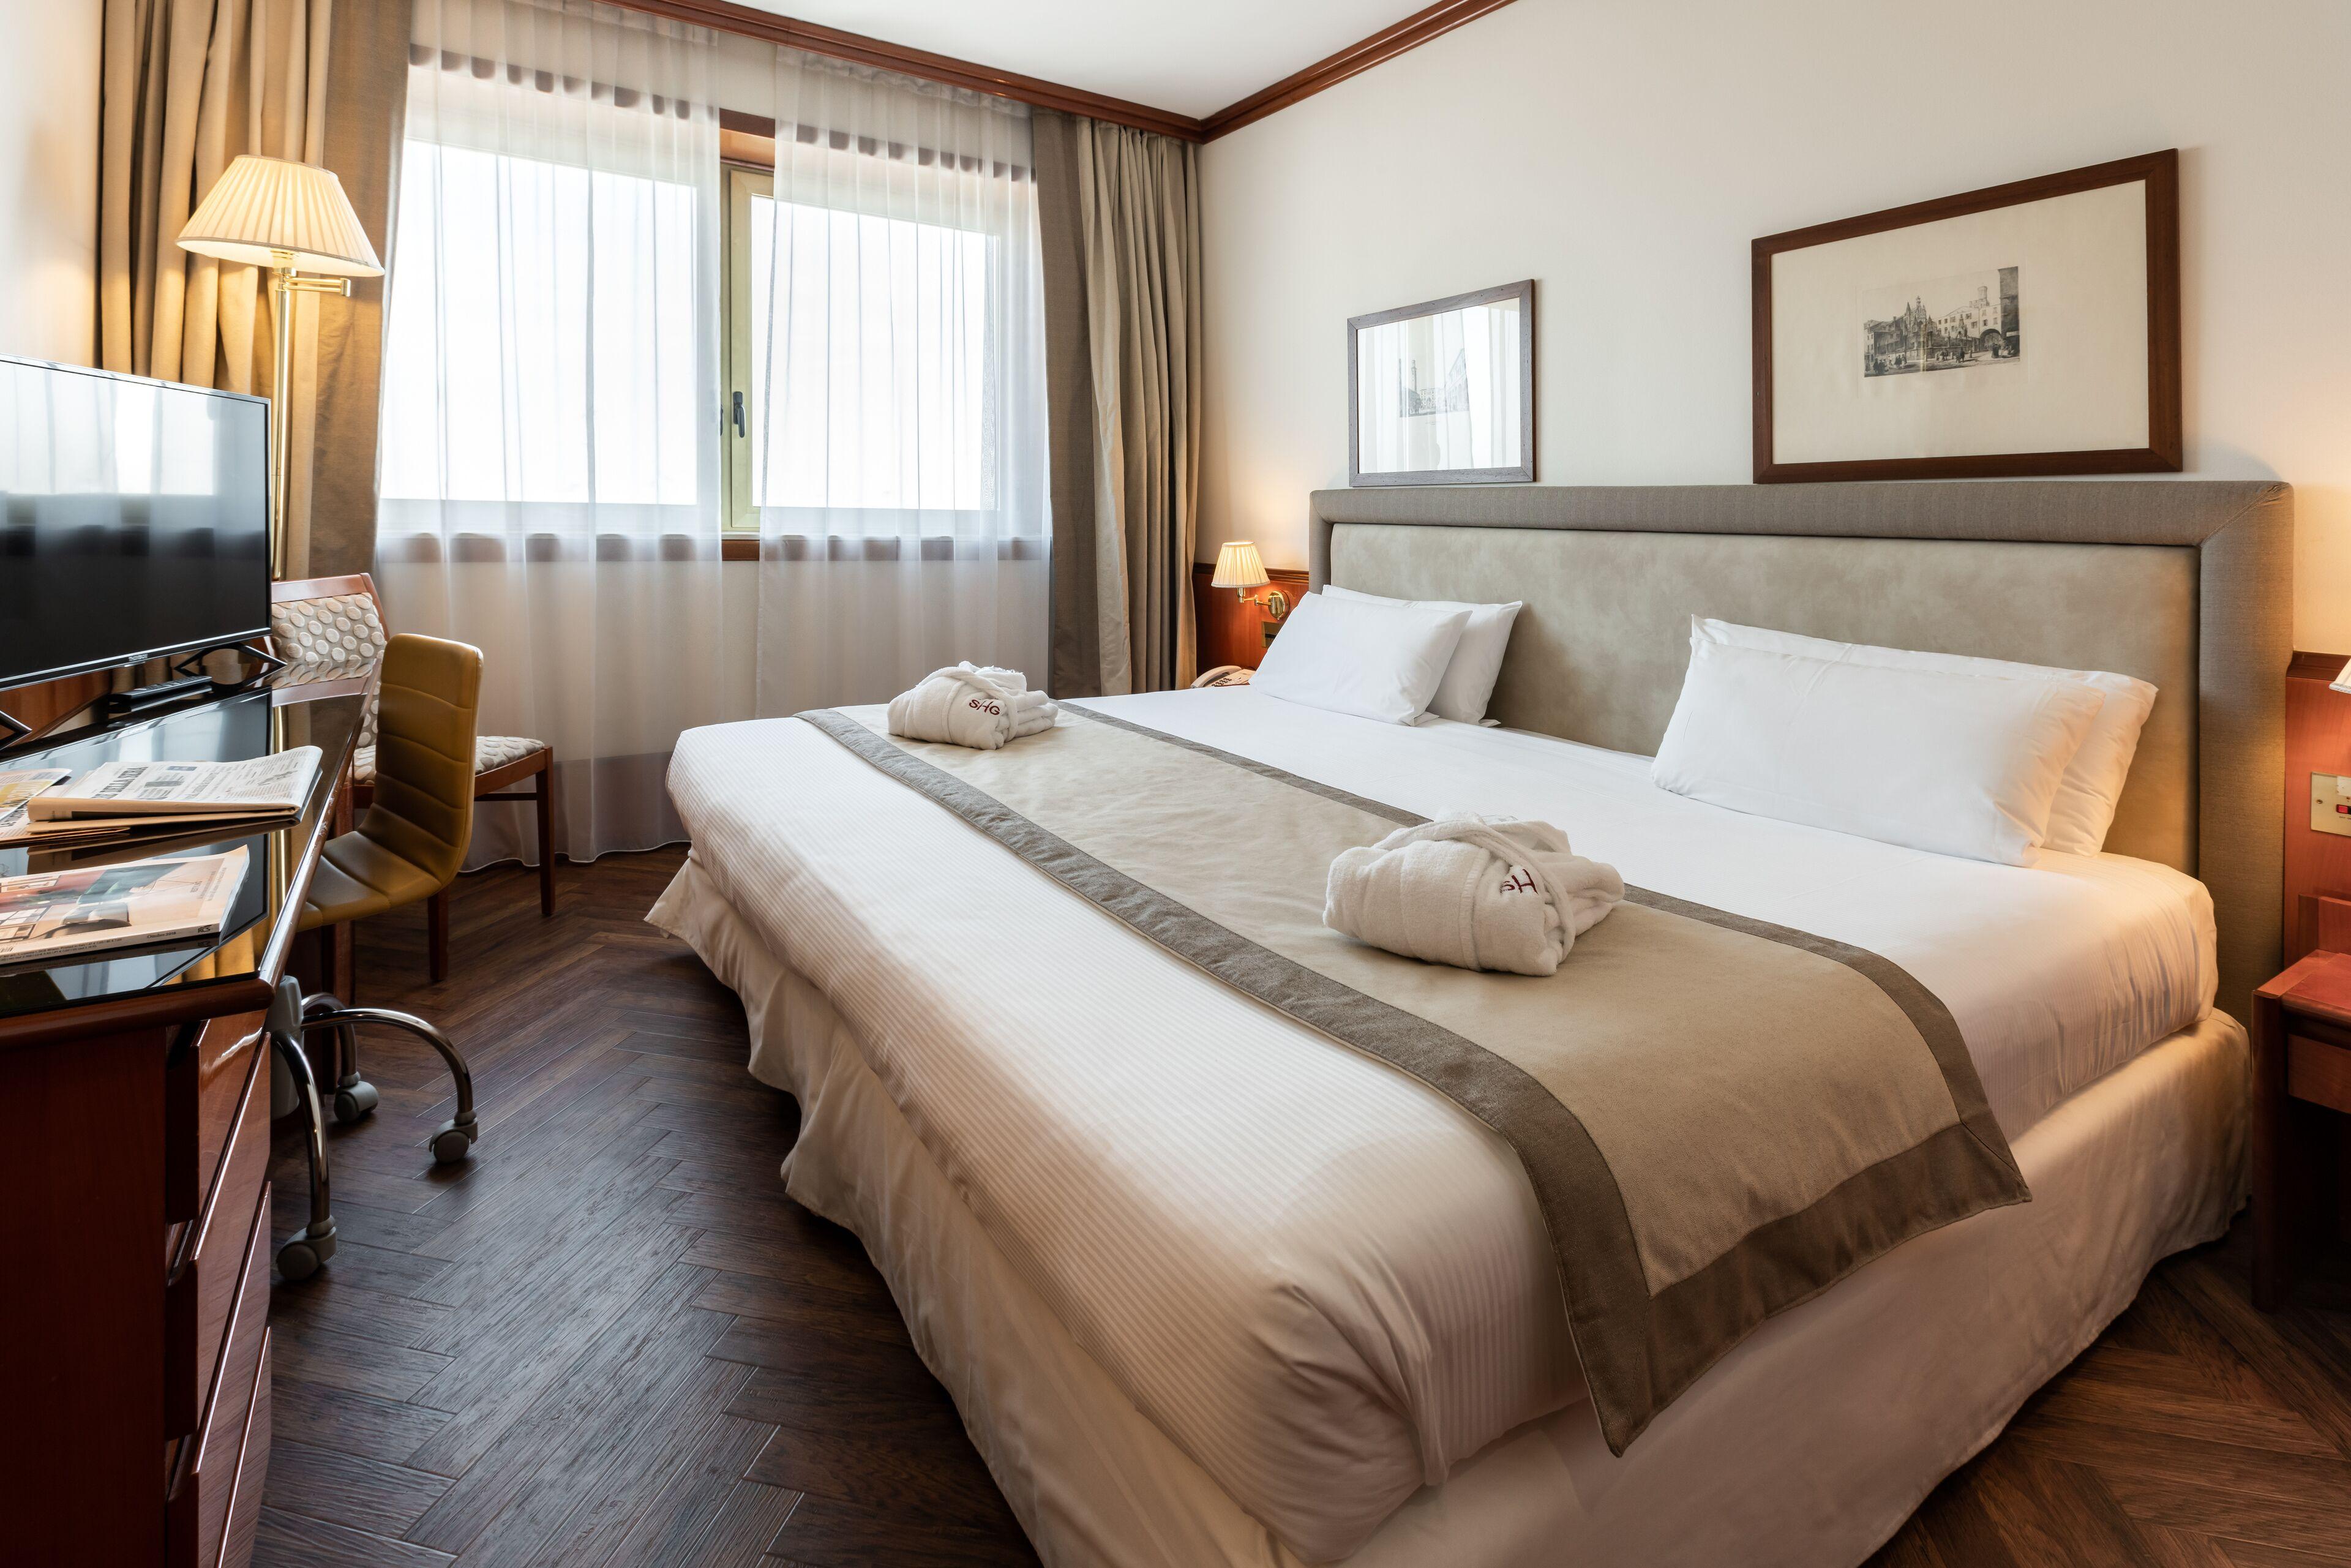 SHG Hotel Catullo Verona